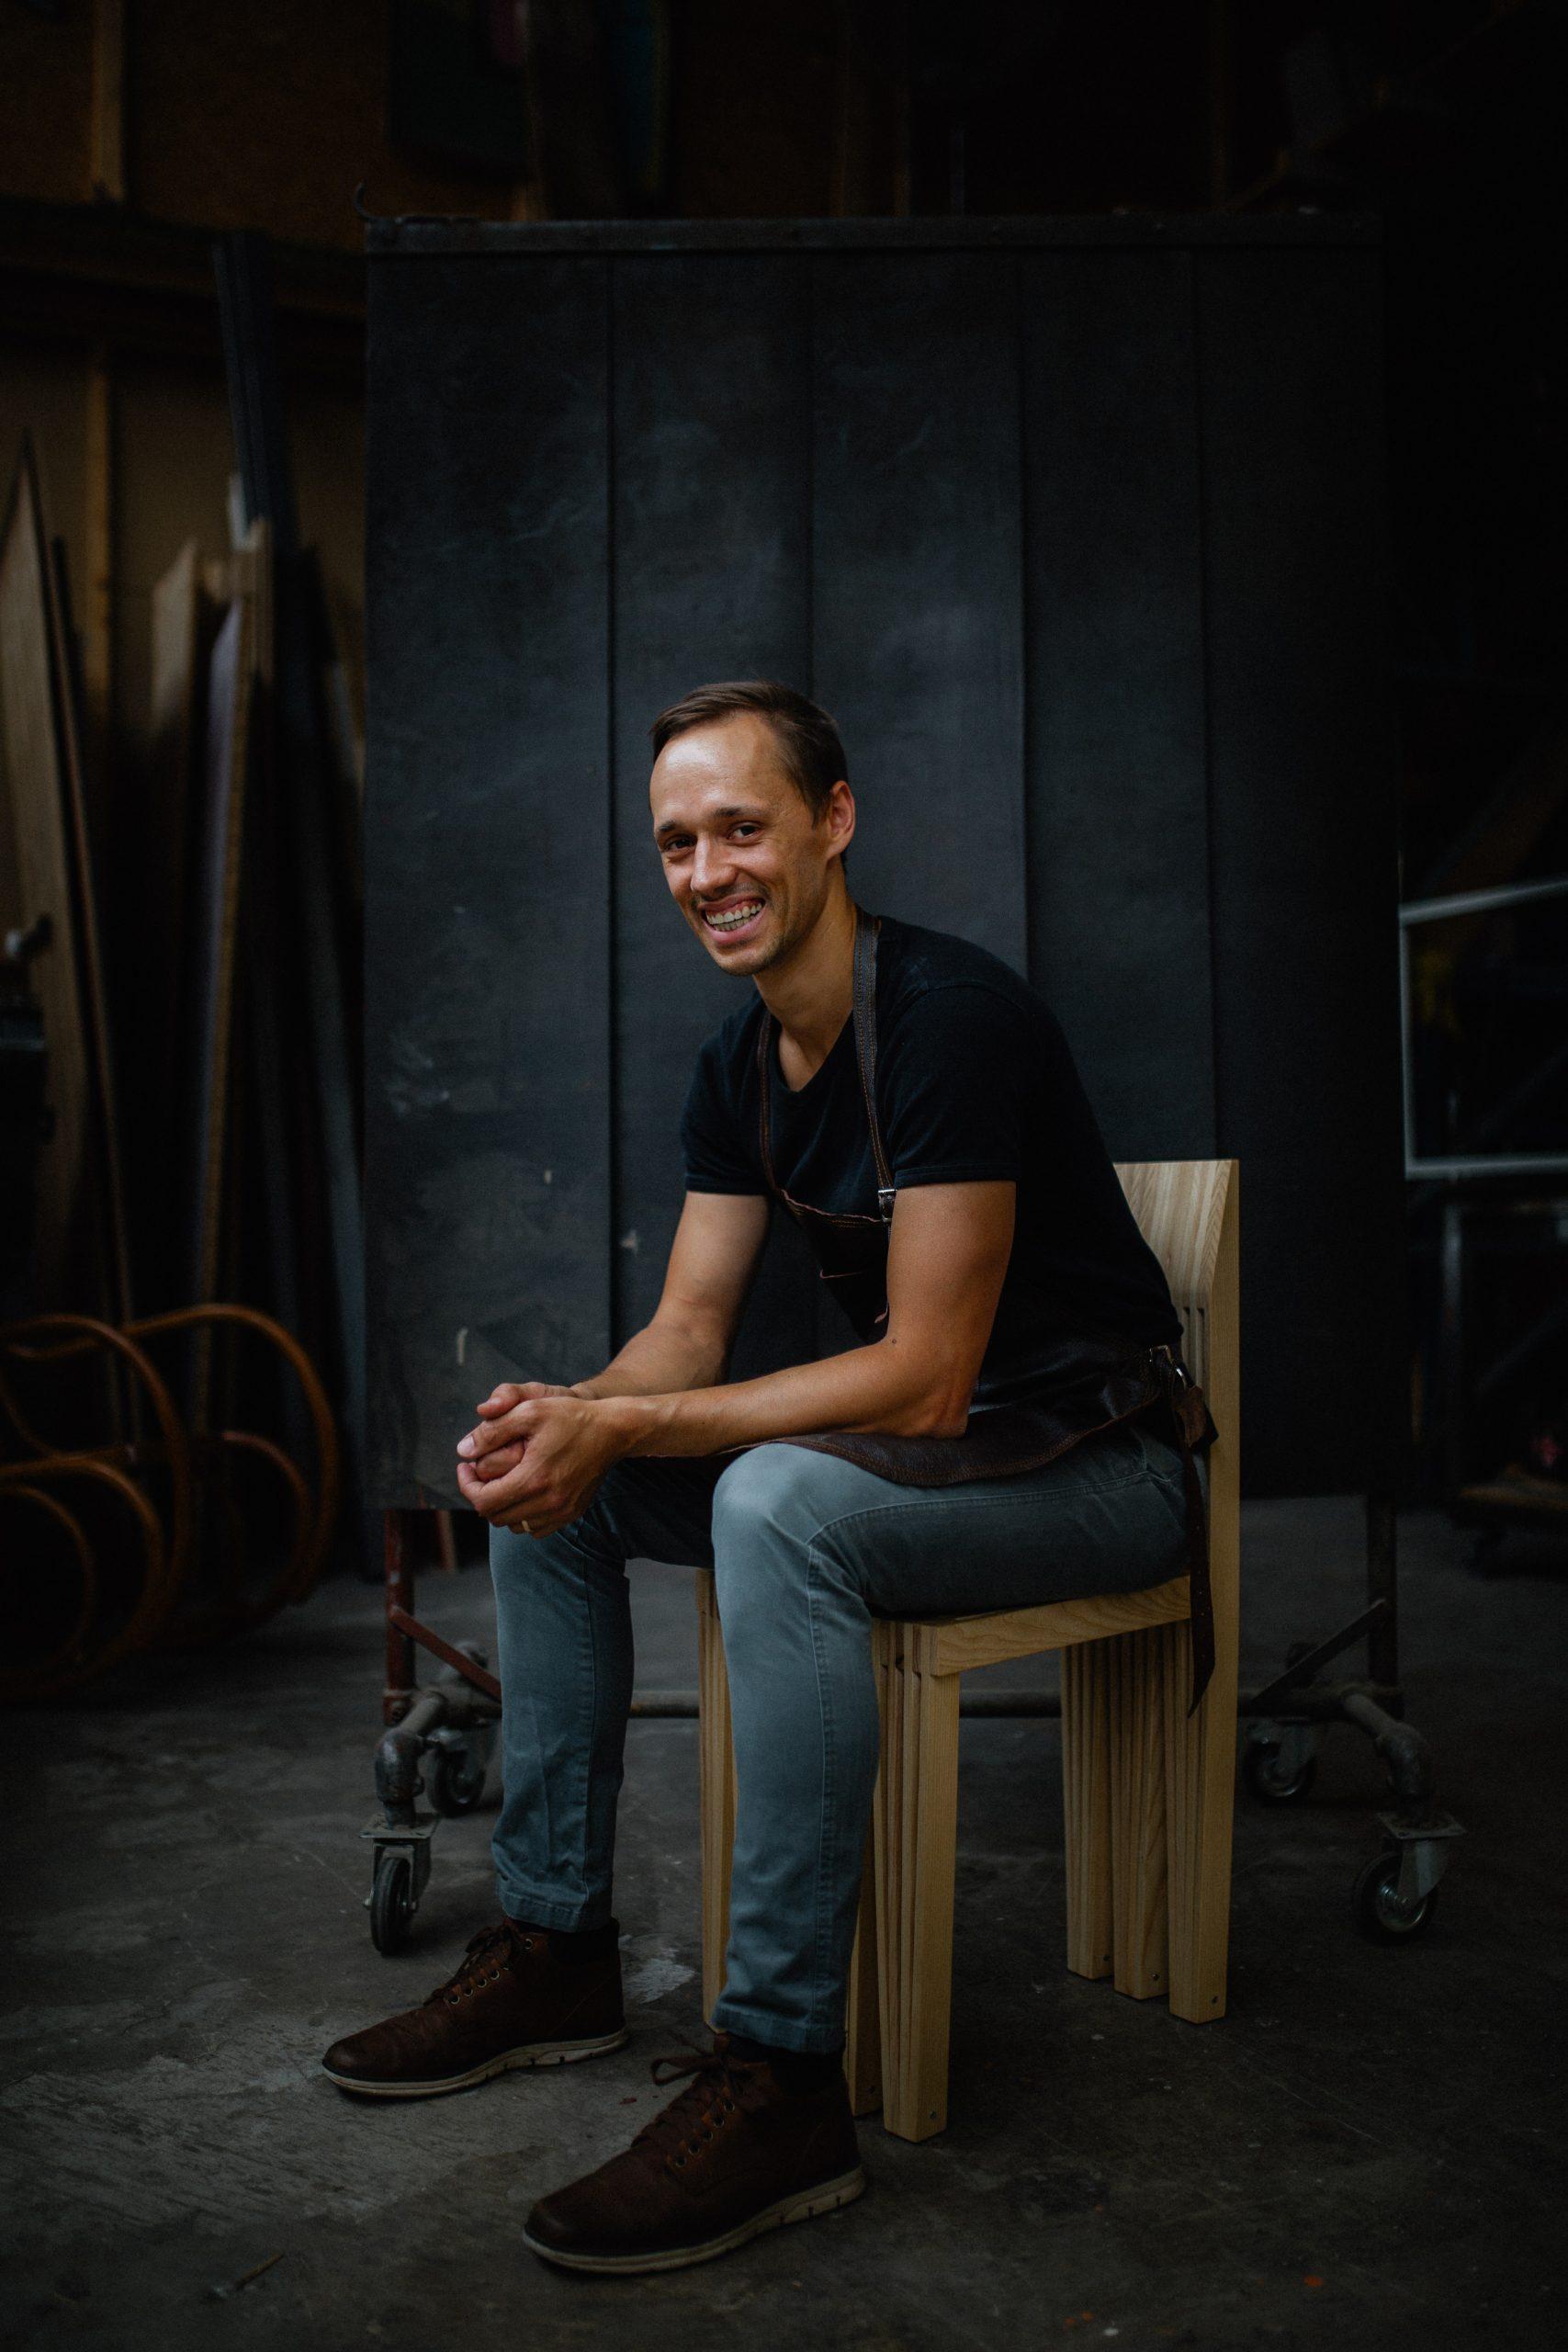 Albert Potgieter - Woodworker